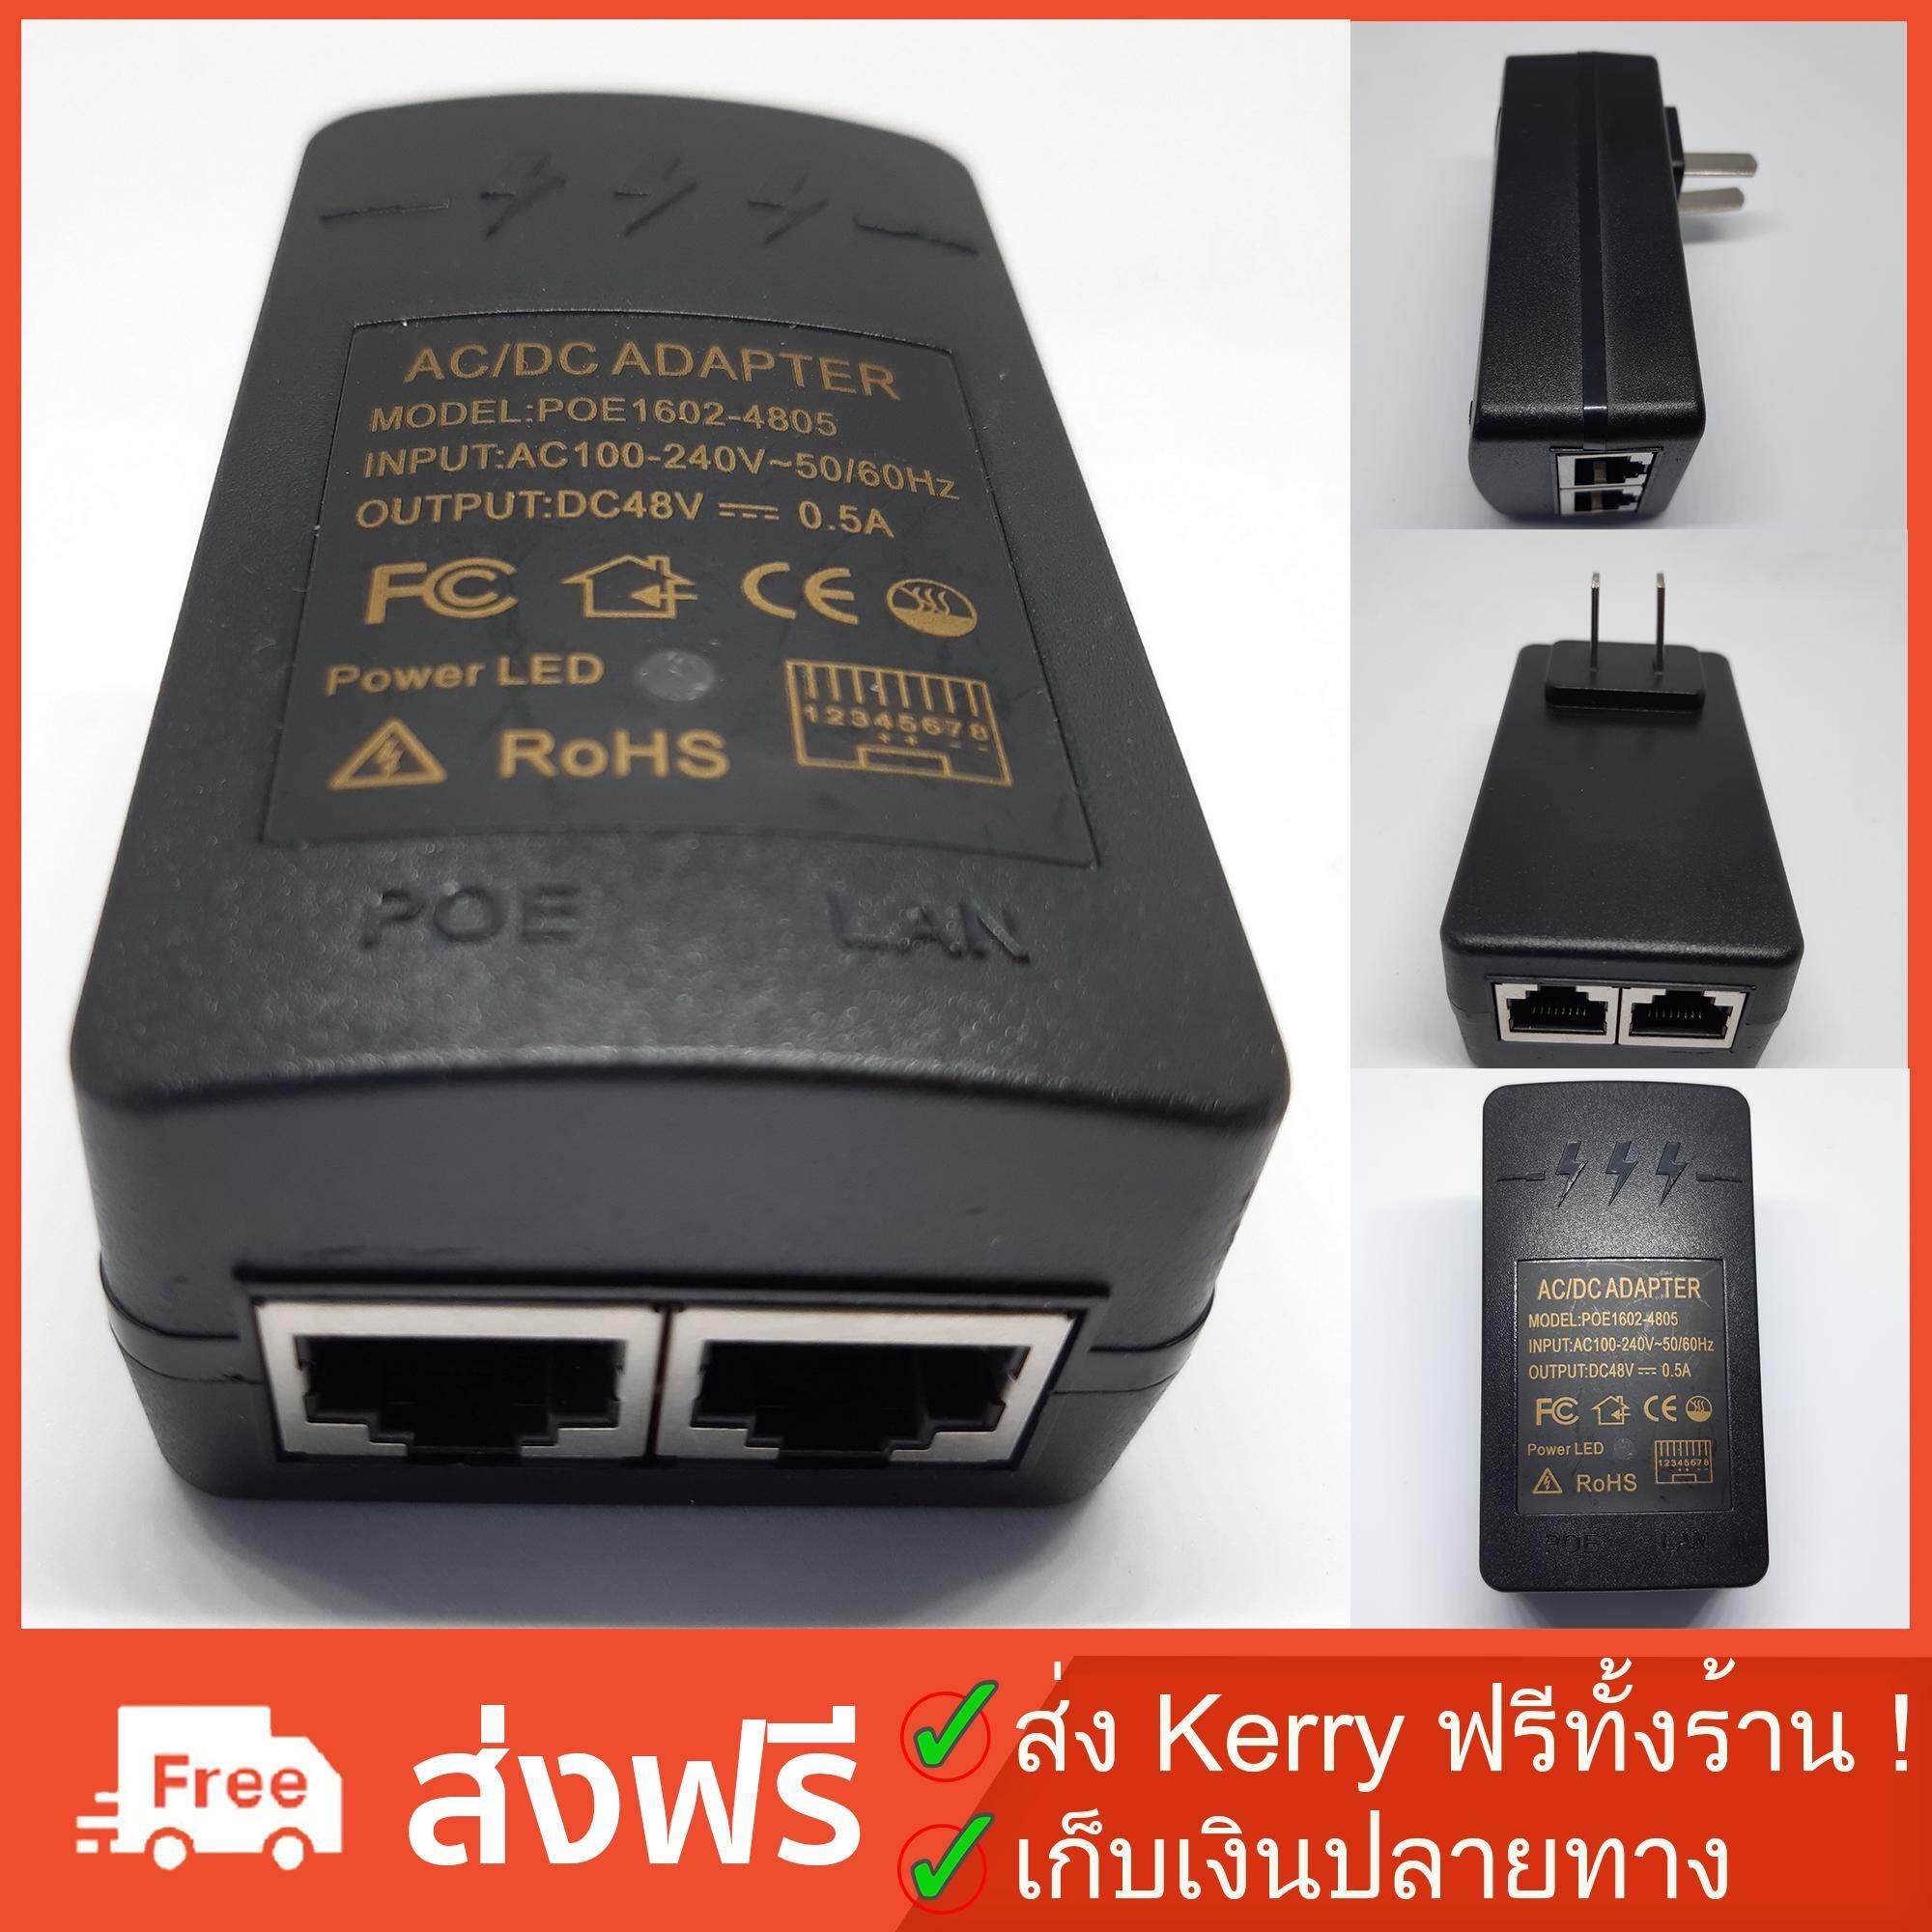 เก็บเงินปลายทางได้ ส่ง Kerry ฟรีทั้งร้าน !! PoE 48V 0.5A wall plug  รับประกัน 3 เดือน